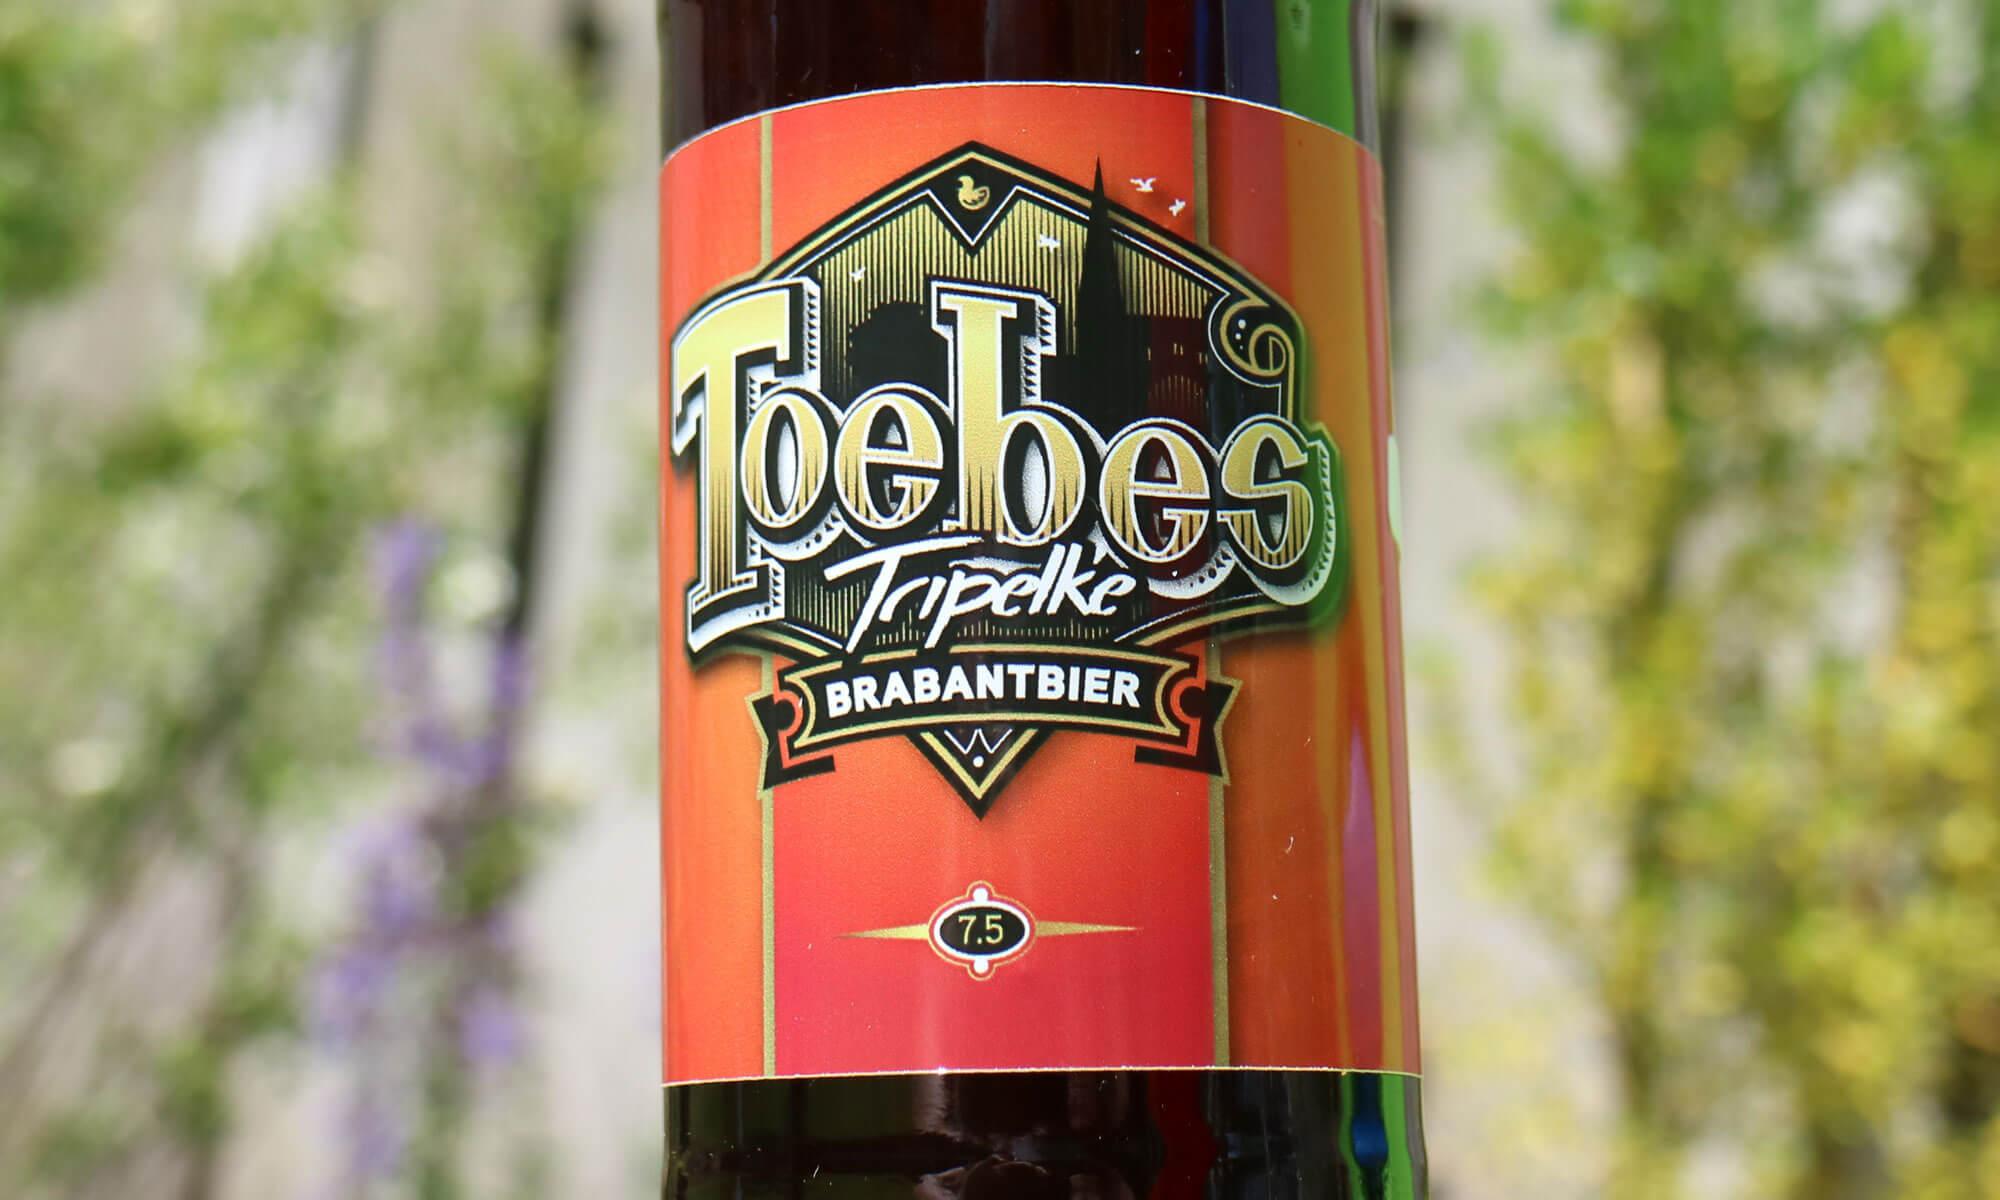 Toebes - Tripelke